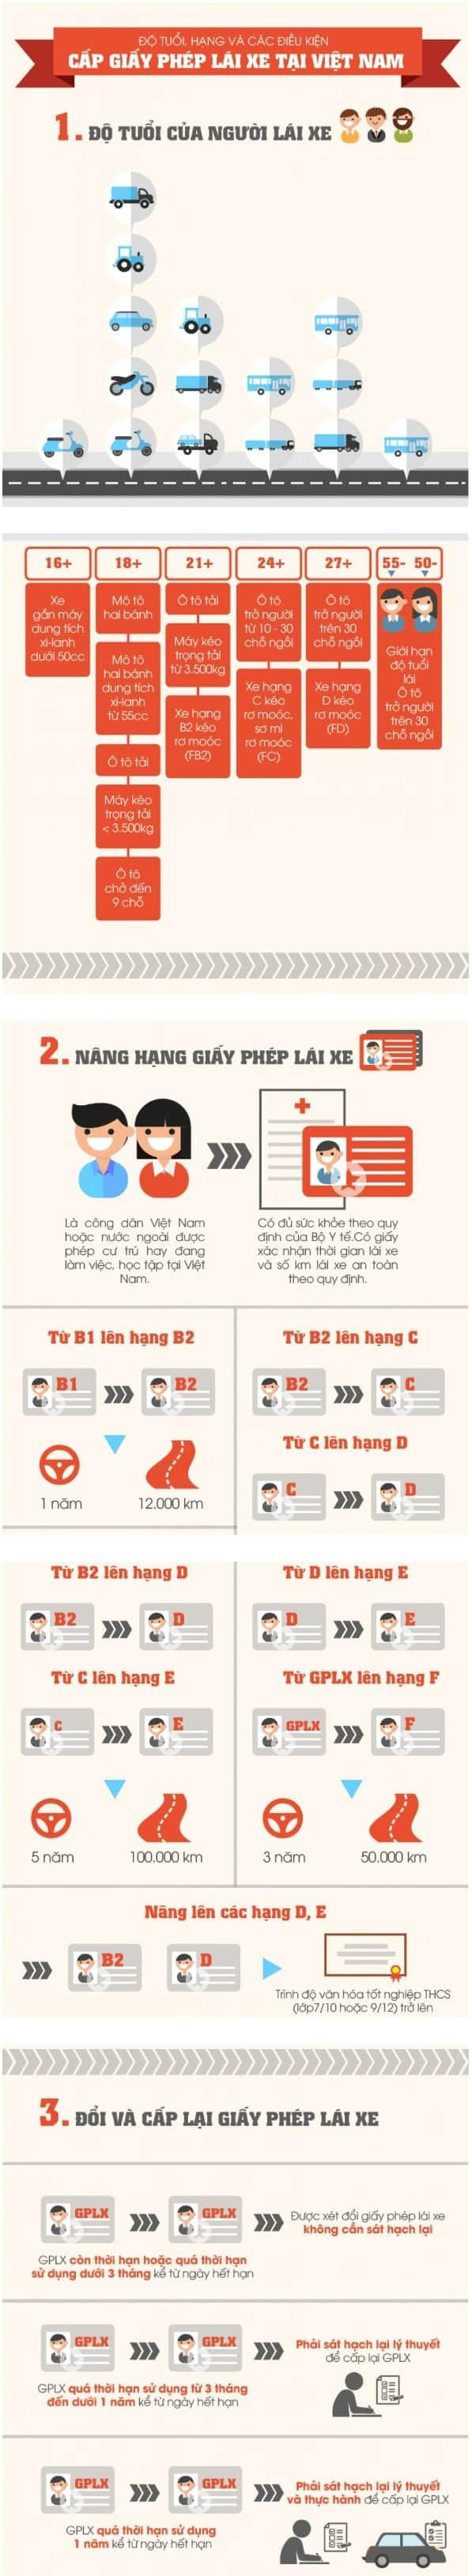 Tất cả những gì bạn cần biết về giấy phép lái xe tại Việt Nam 1